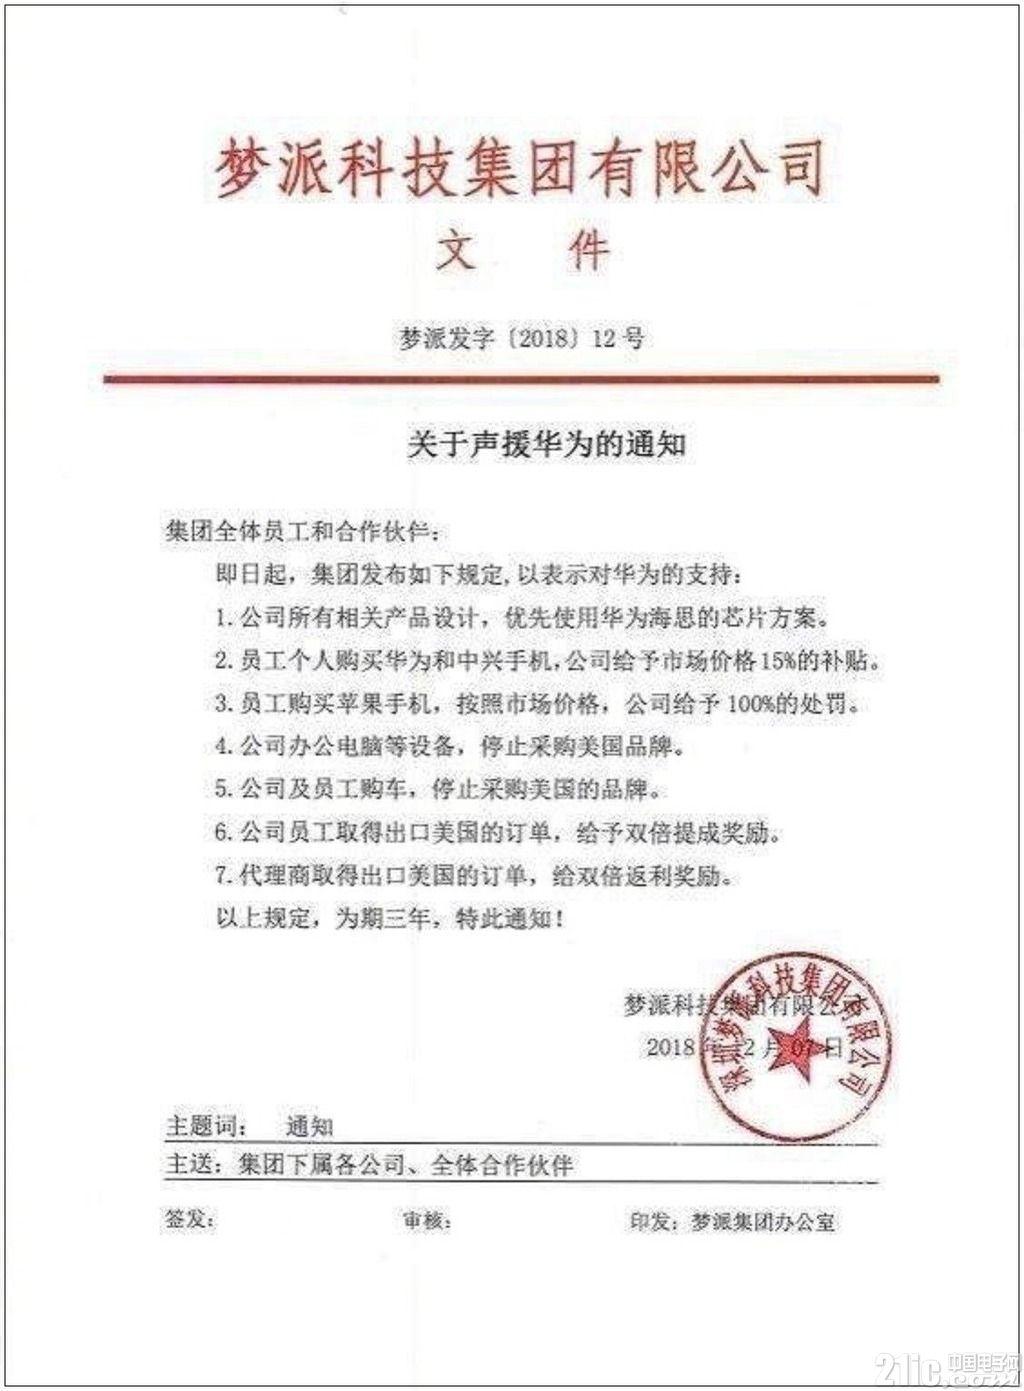 深圳厂商声援华为:买华为手机奖励,买苹果手机罚款!